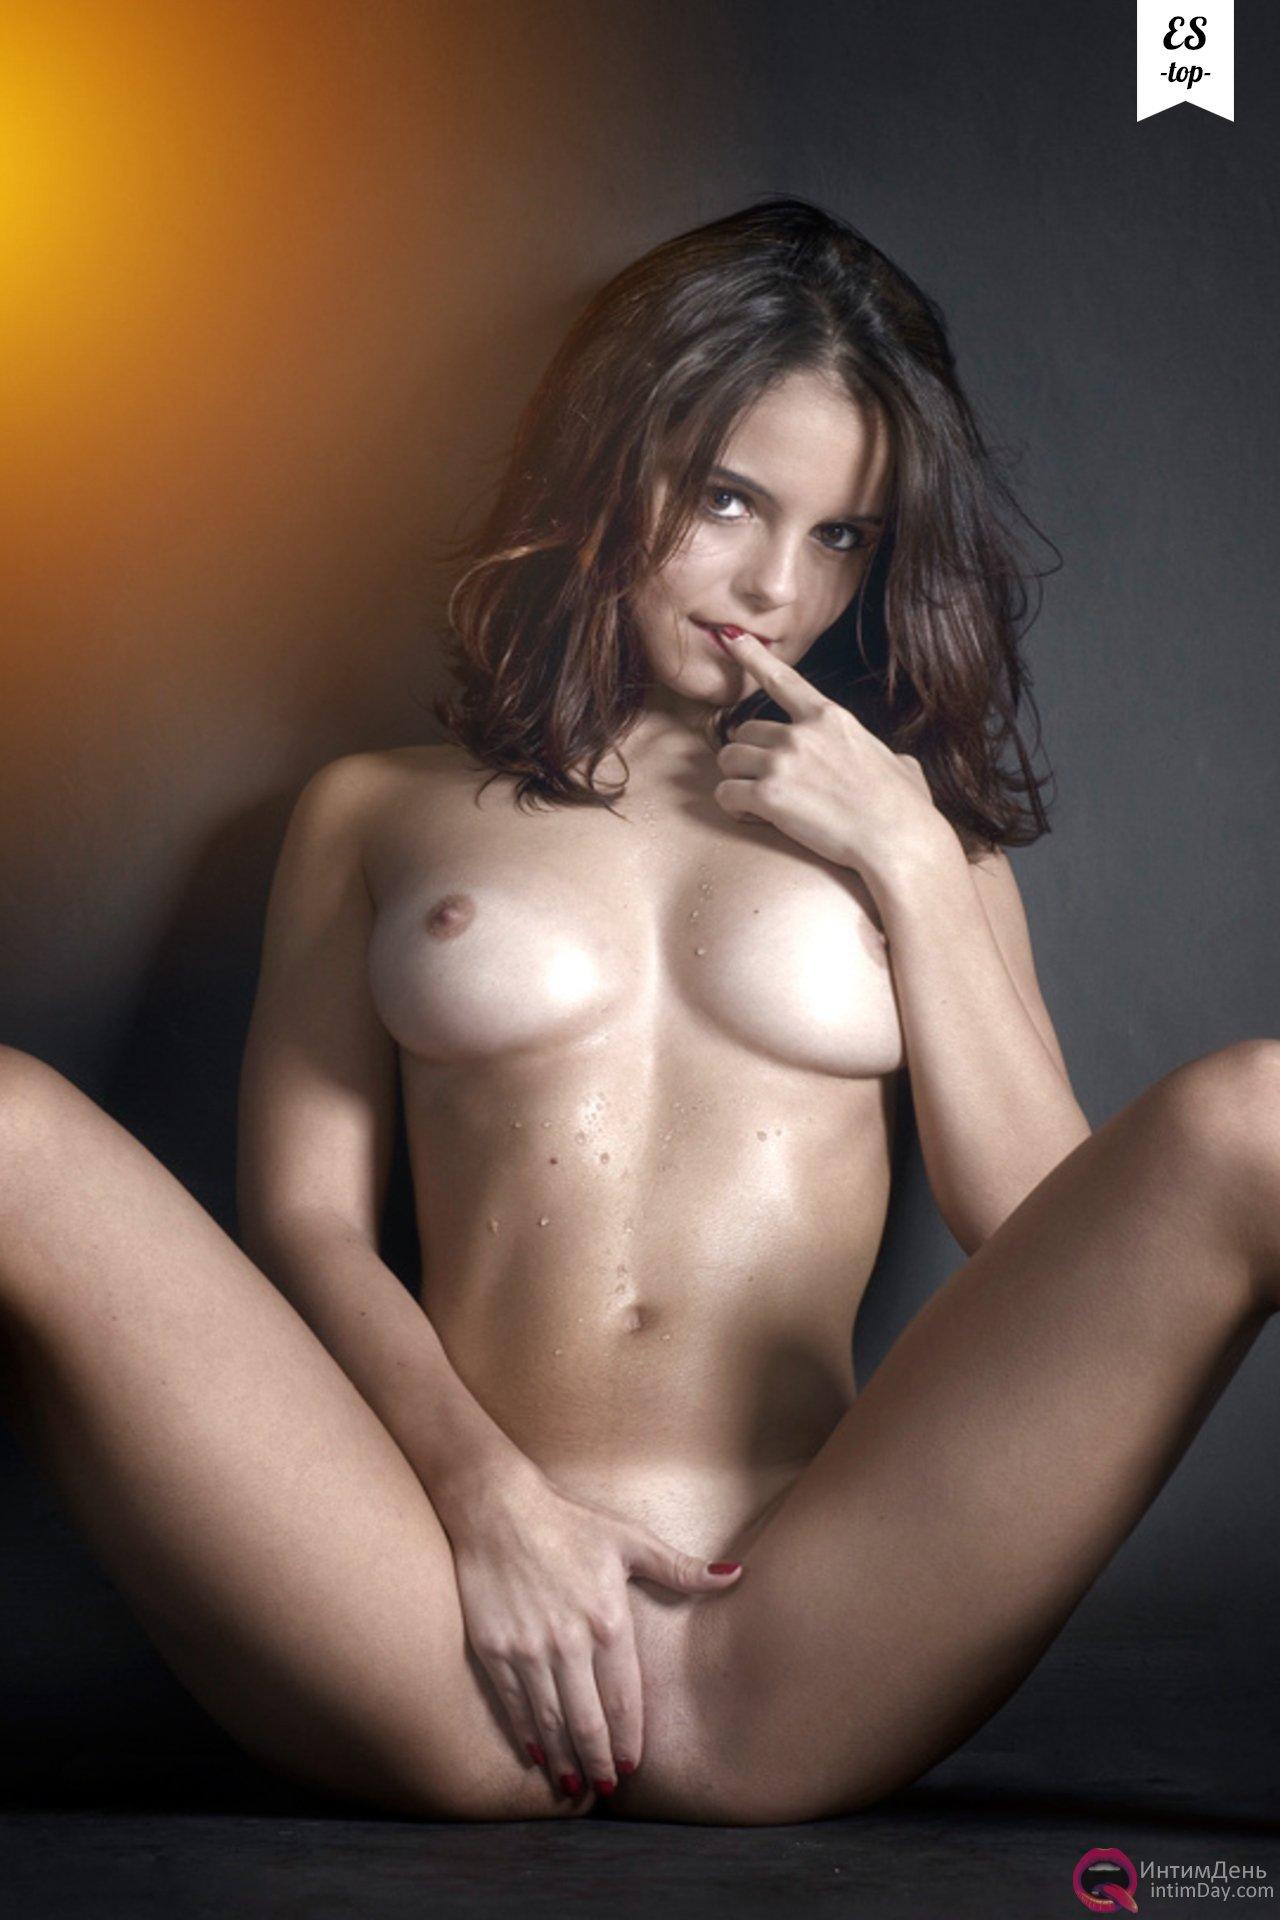 Сисястые девушки харьков фотки, секс мамочек в ротик